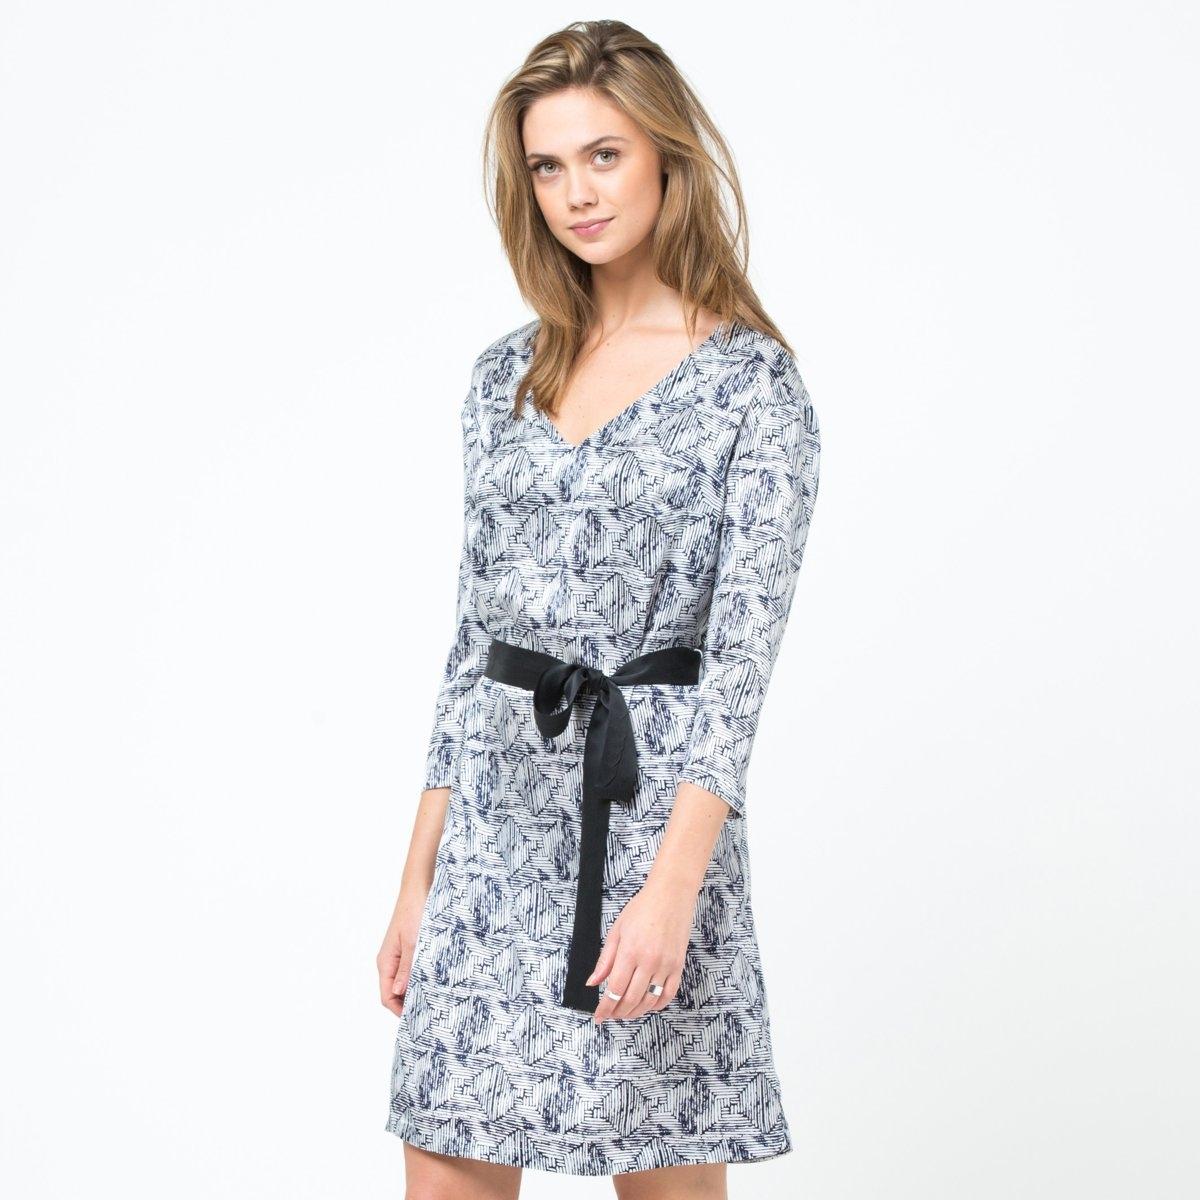 Платье из шелкаПлатье с рисунком, 100% шелка. V-образный вырез. Длинные рукава. Шелковый пояс в комплекте.  Длина. 90 см.<br><br>Цвет: наб. рисунок синий<br>Размер: 42 (FR) - 48 (RUS)